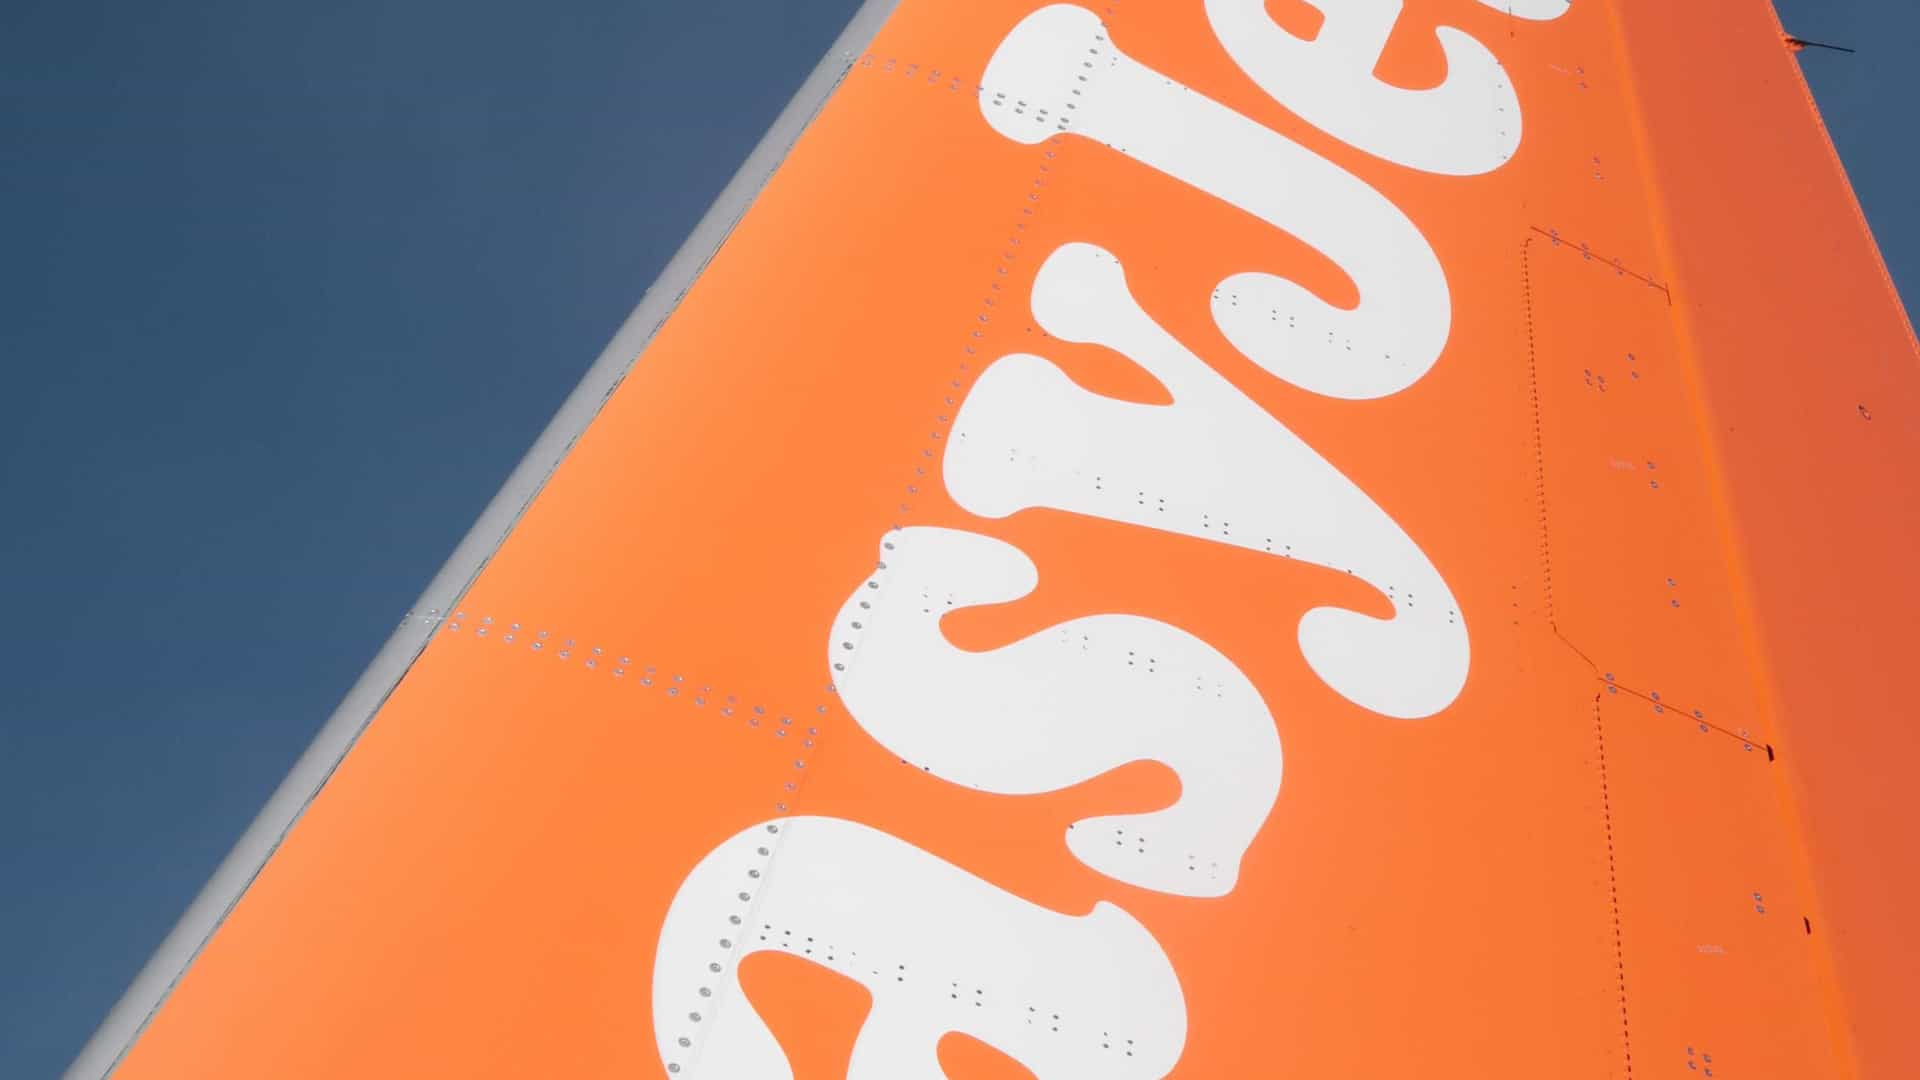 Passageiros transportados pela easyJet aumentam em 5,6% em agosto